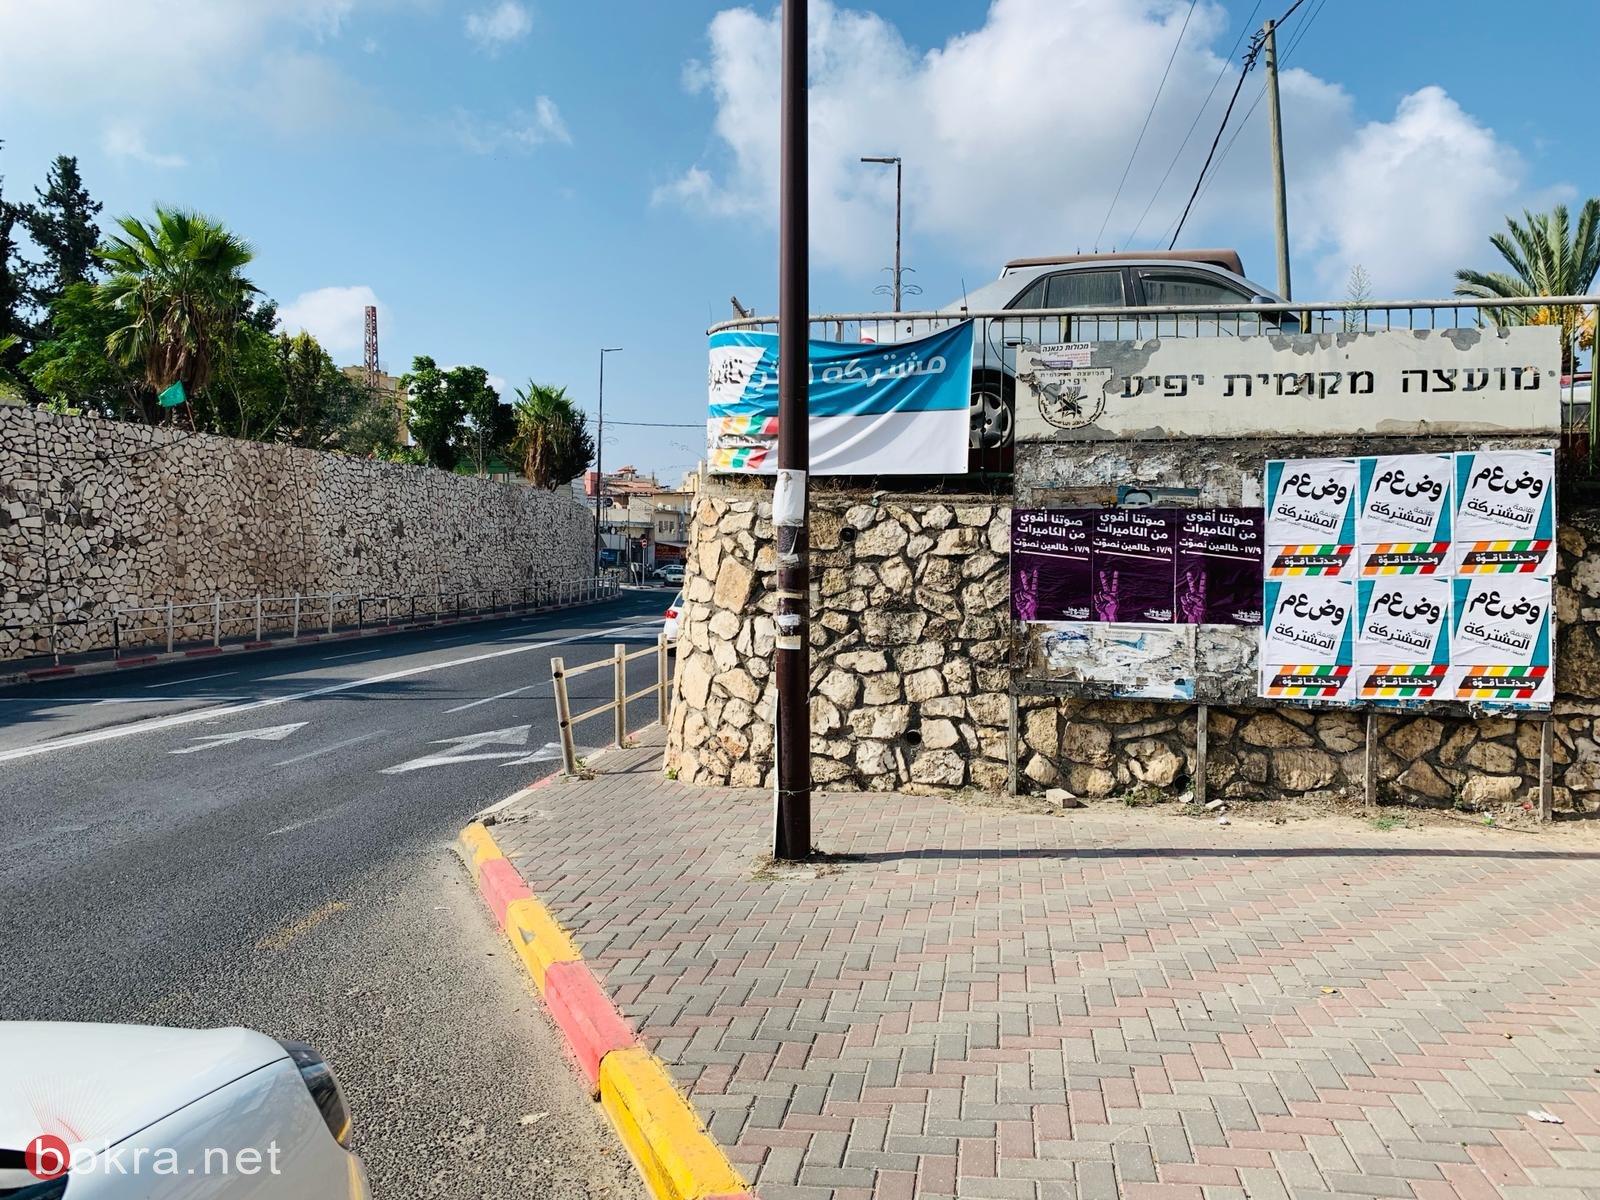 صوتنا أقوى من الكاميرات: ملصقات لحراك نقف معًا تملأ شوارع البلدات العربية*